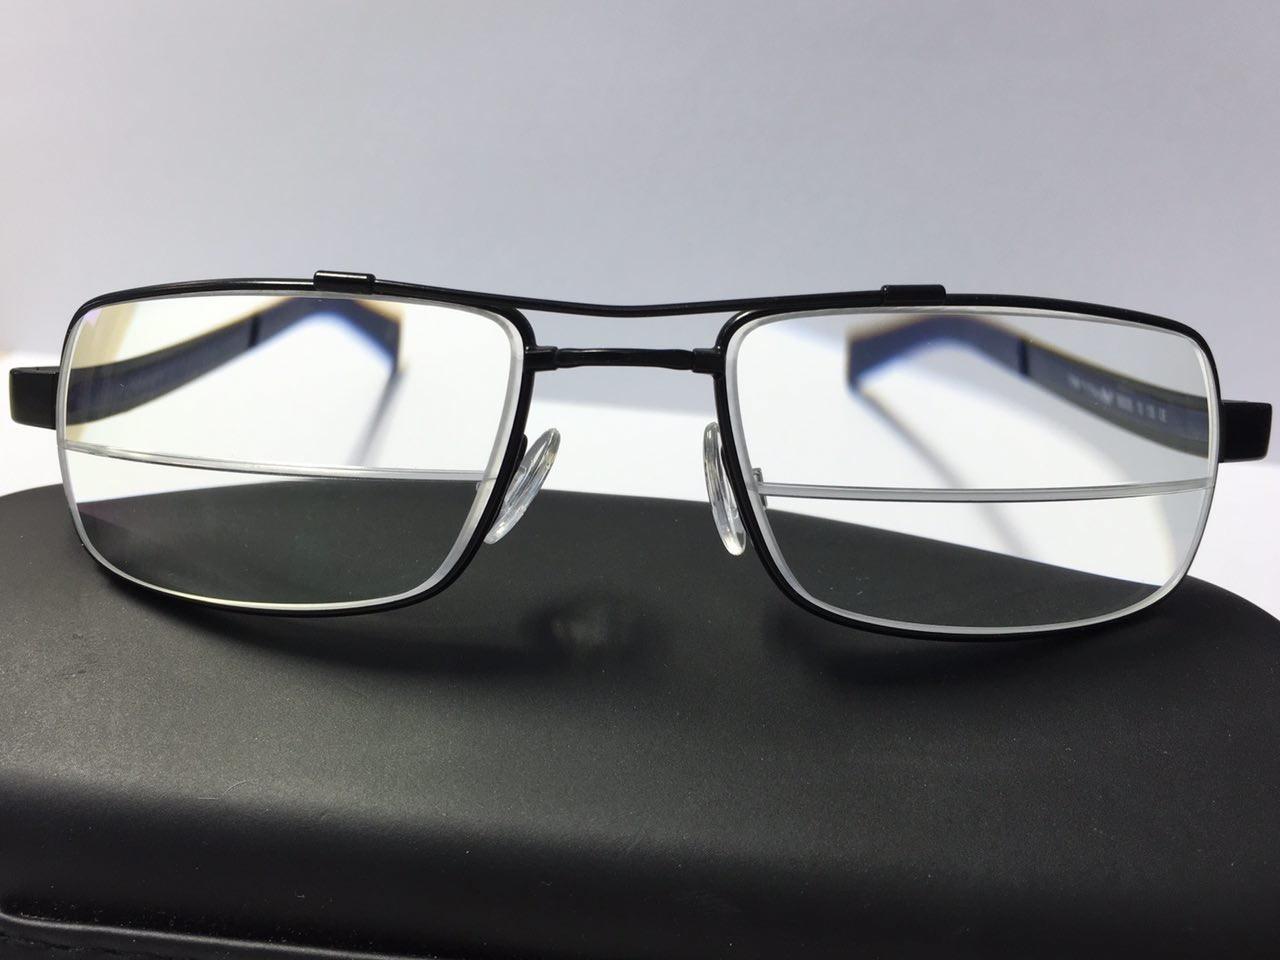 Werkstück / Kundeneigentum / zur weiteren Verwendung nach Prüfung durch Augenoptikermeister